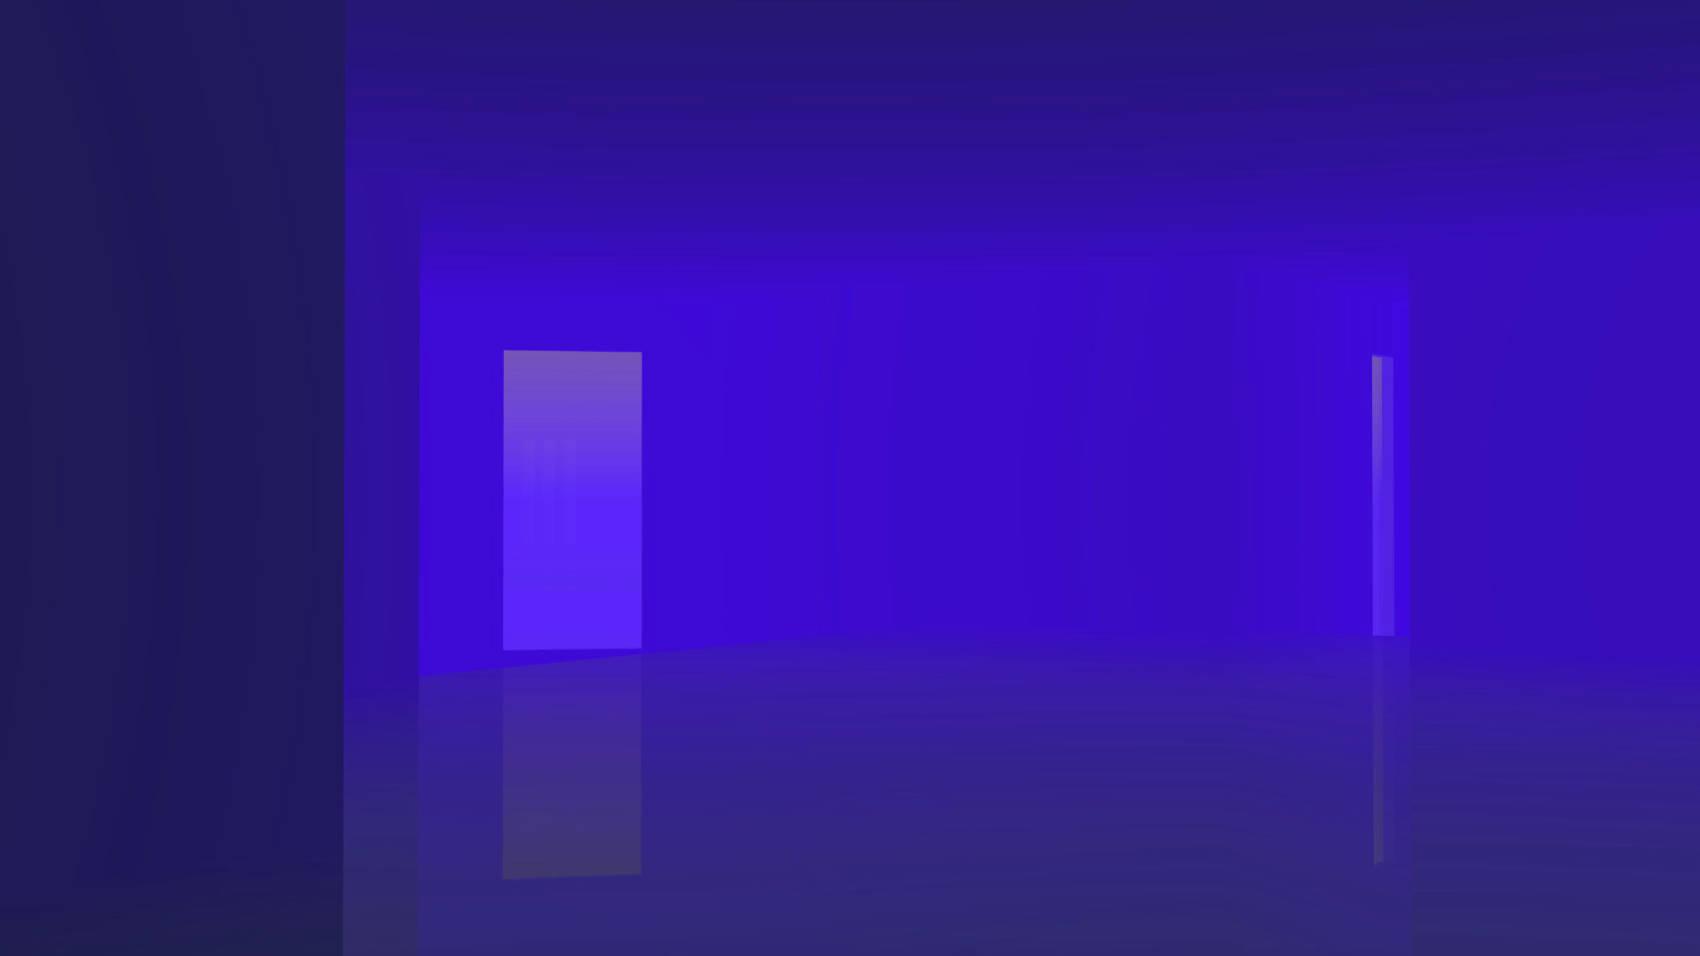 Earth Blue Room, 2017, Jet d'encre, 77 x 137 cm